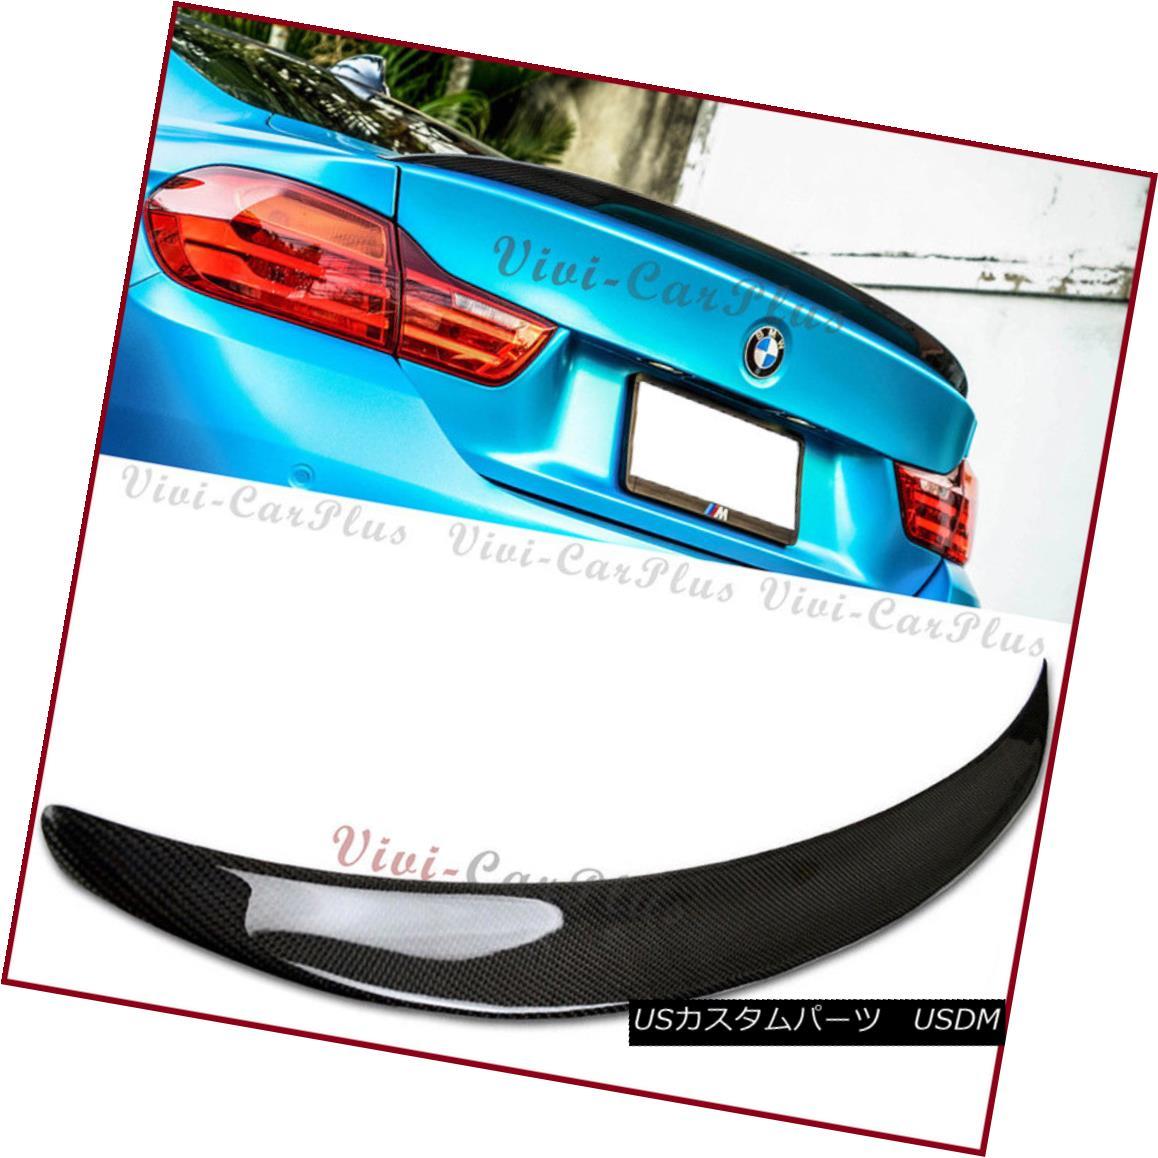 エアロパーツ 2014up BMW F32 420i 428i 435i Coupe P Type Trunk Wing Spoiler Boot Carbon Fiber 2014up BMW F32 420i 428i 435iクーペPタイプトランクウイングスポイラーブーツカーボンファイバー